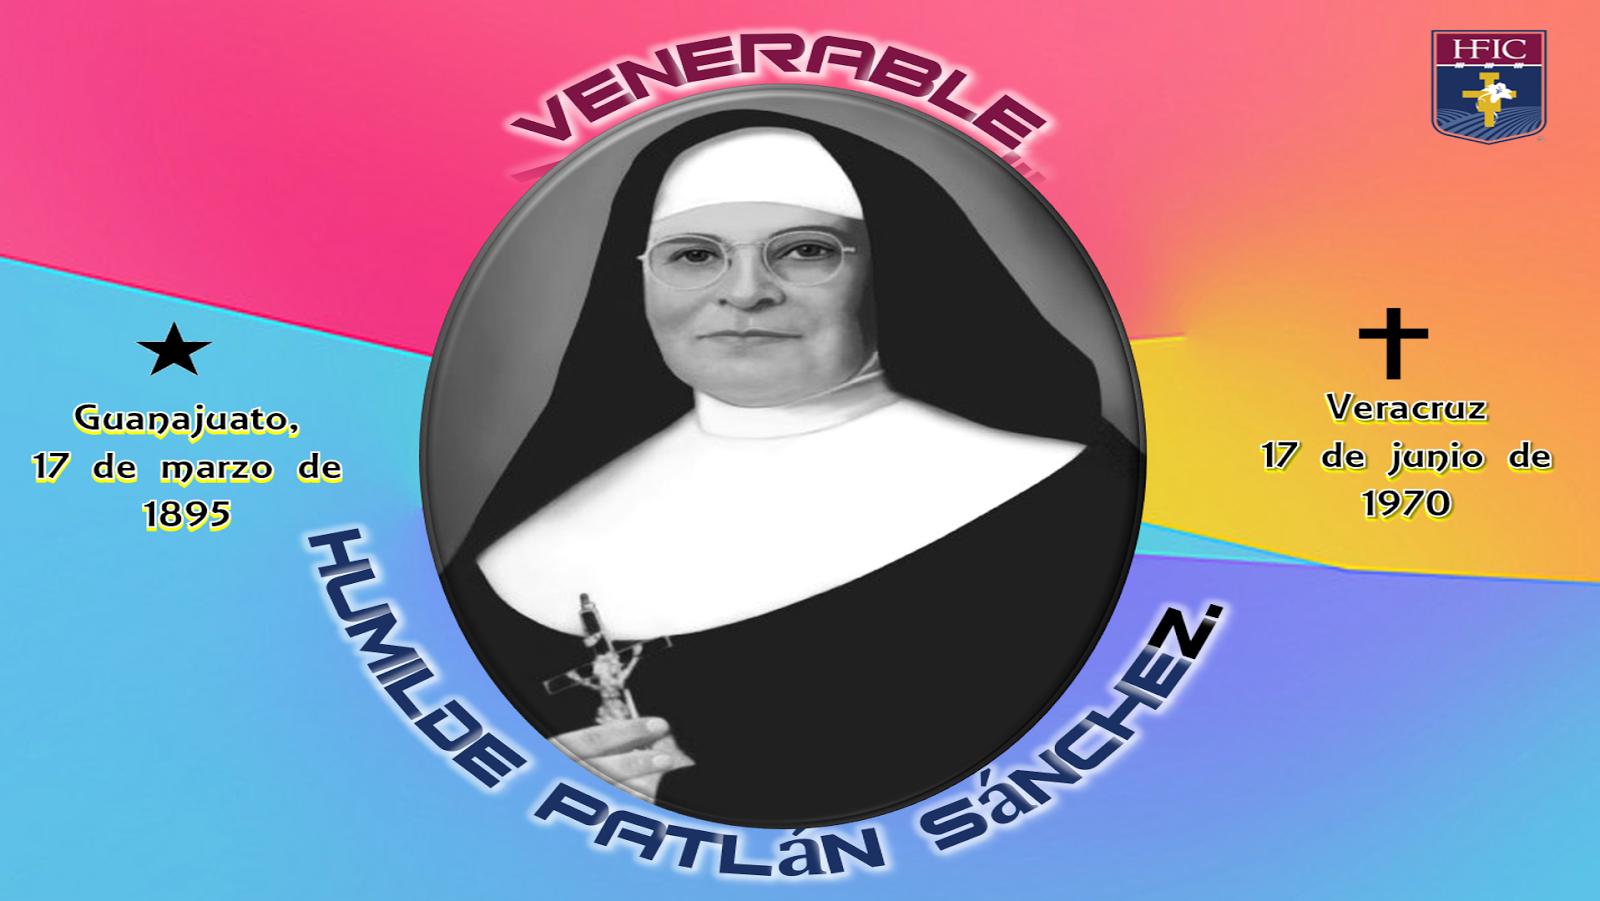 Humilde Patlán Sánchez